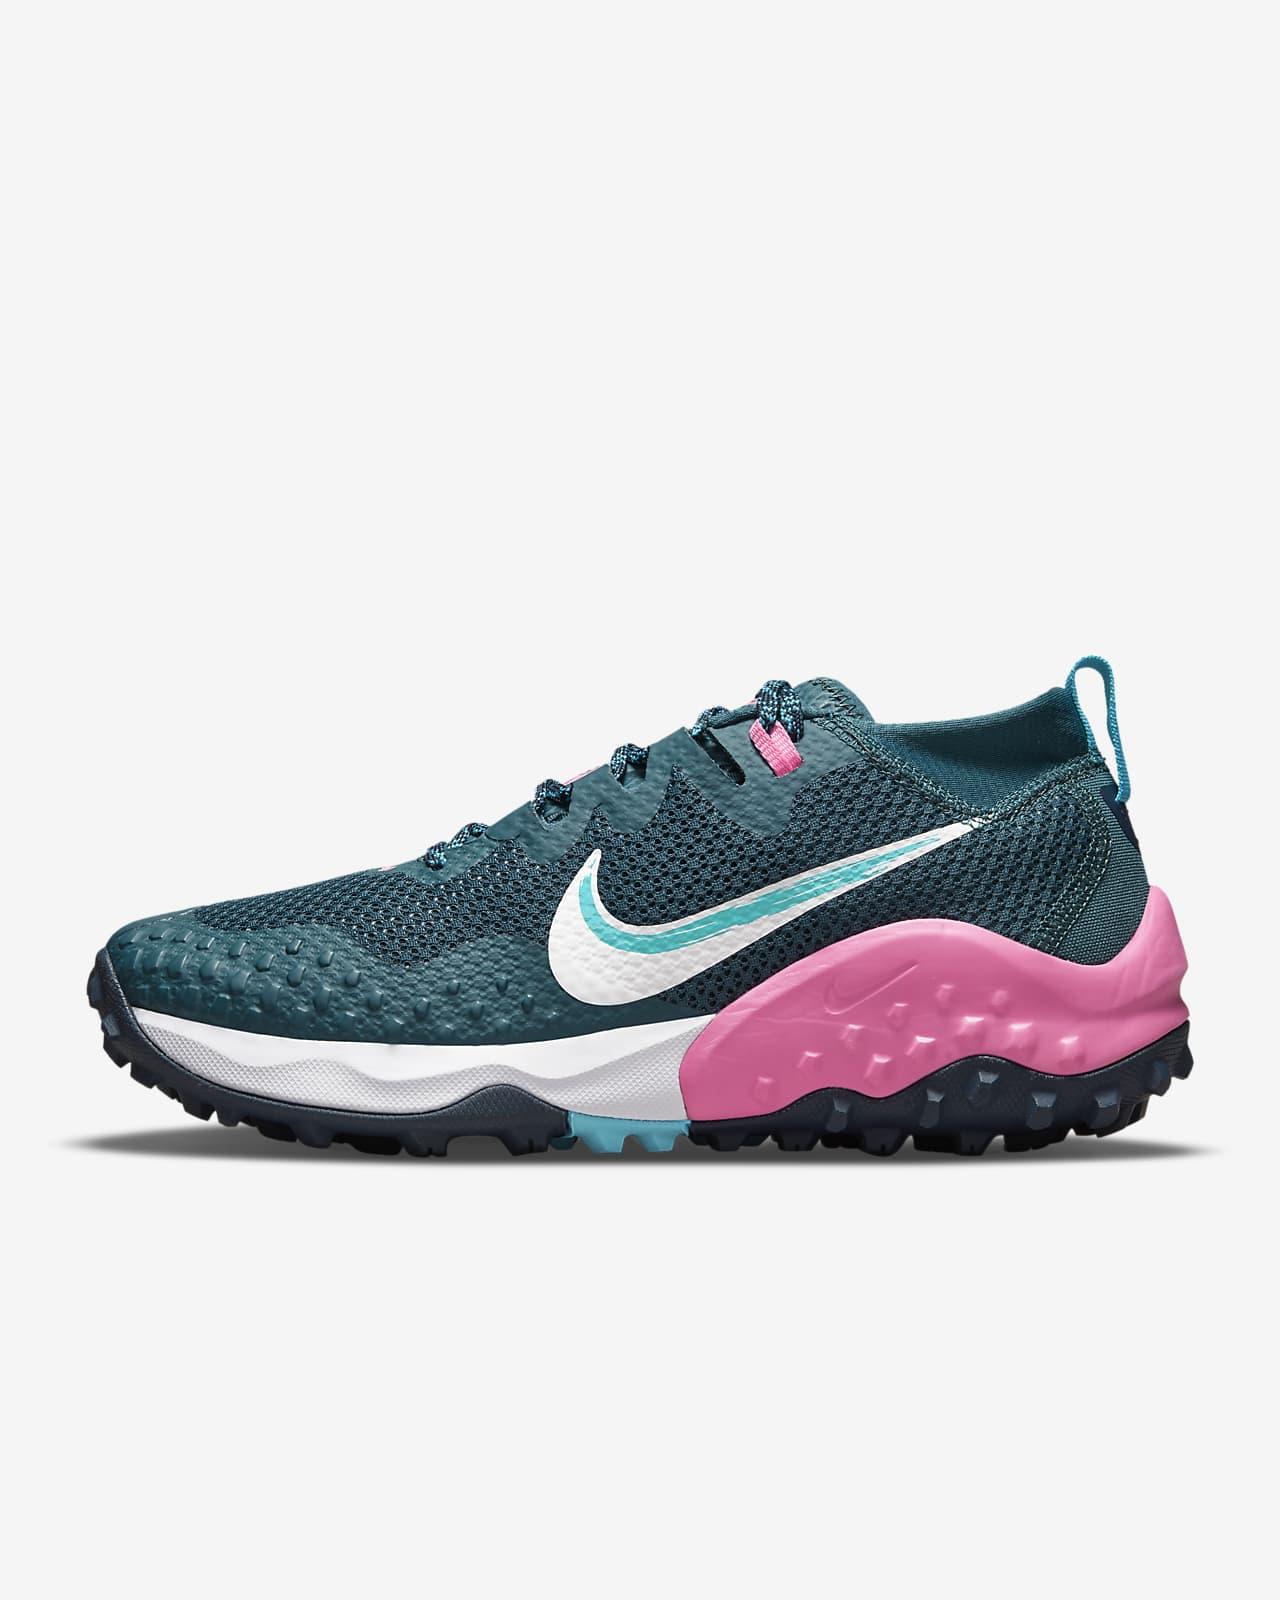 Calzado de carreras en sendero para mujer Nike Wildhorse 7